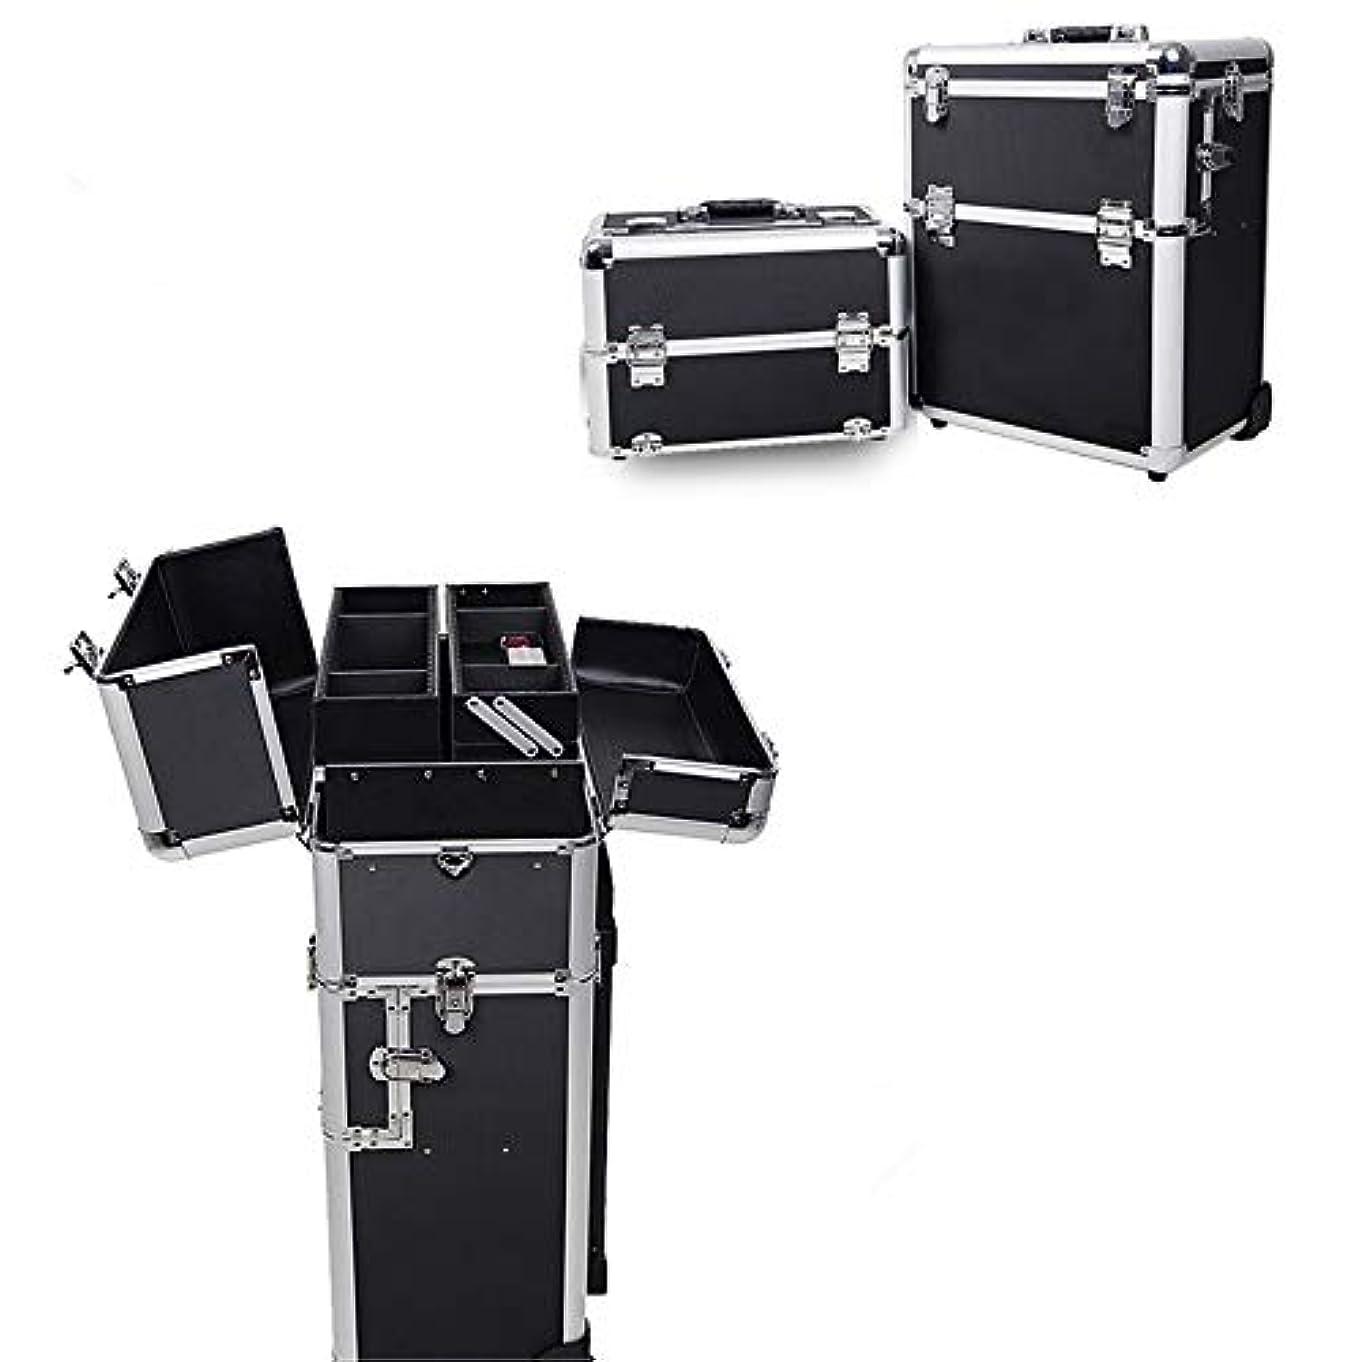 ふりをする不倫イル化粧オーガナイザーバッグ 旅行メイクバッグ3層スーツケースメイク化粧品バッグポータブルトイレタージュ化粧ケース 化粧品ケース